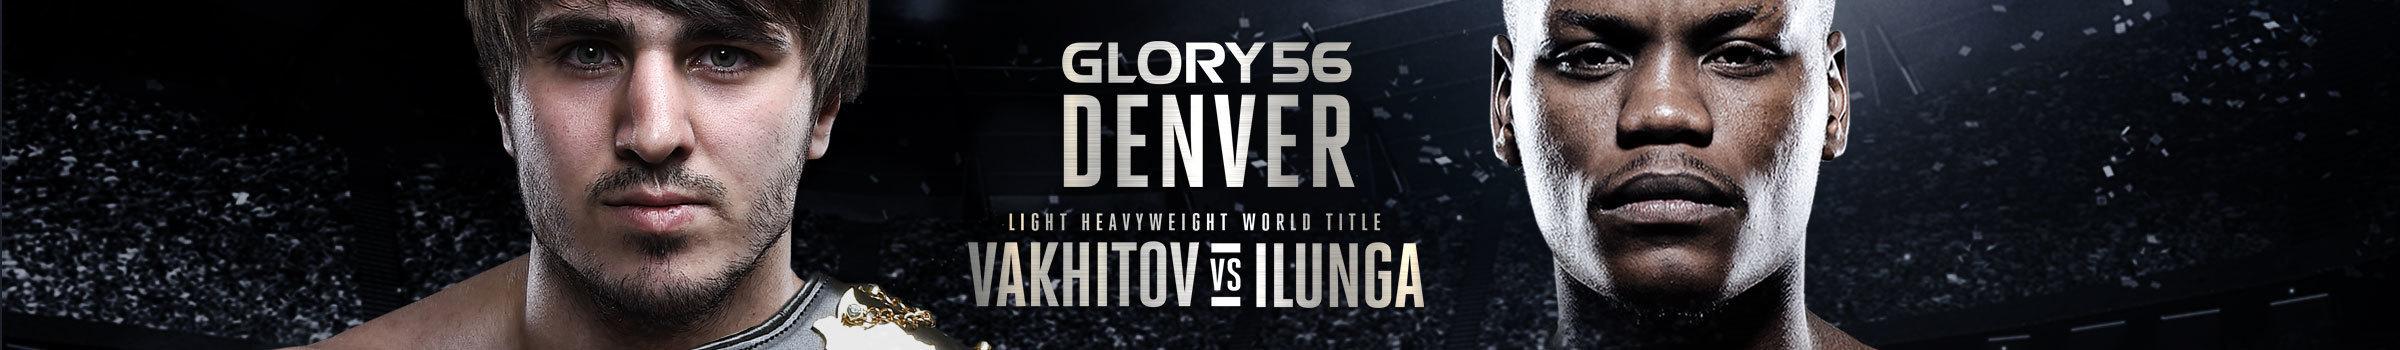 GLORY 56 Denver